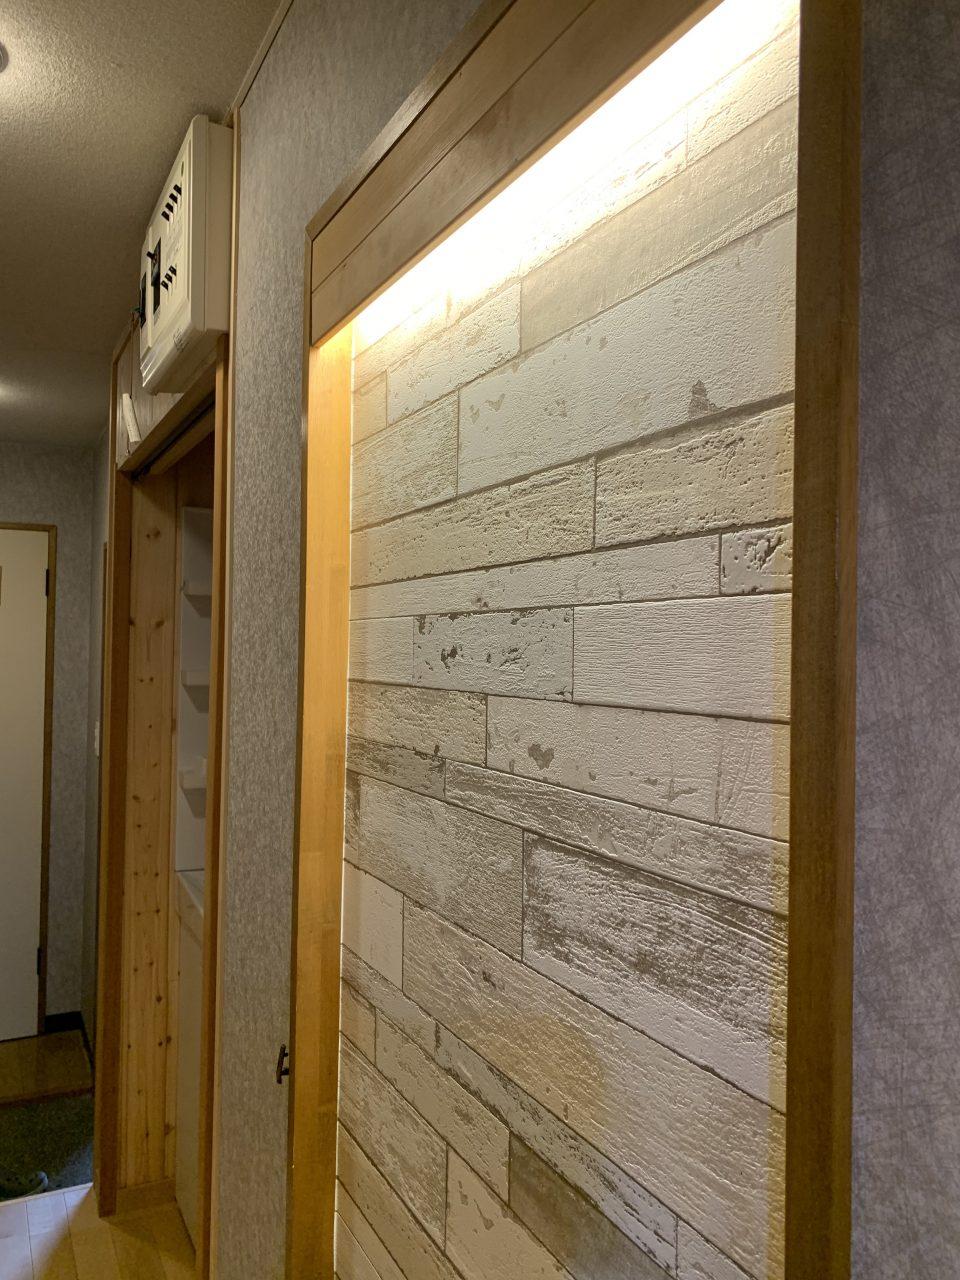 廊下の間接照明つきニッチ飾り棚。入居者に思い出フォトやフックで飾り付けしてほしい